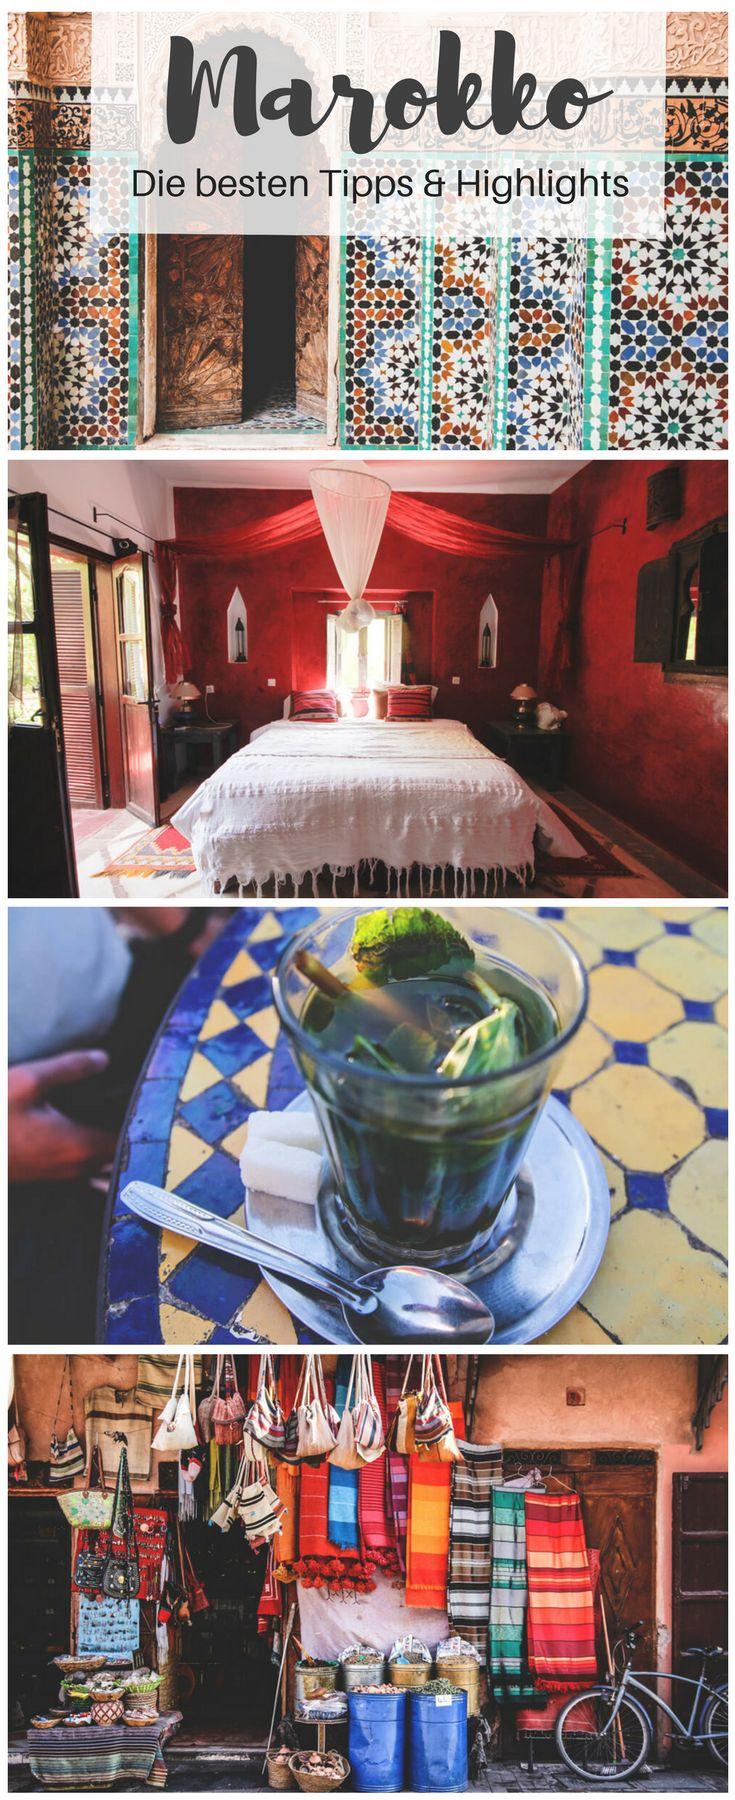 Alles was du über deine Rundreise durch Marokko wissen solltest - Mehr dazu auf unserem Blog! #marokko #rundreise #reisetipps #highlights